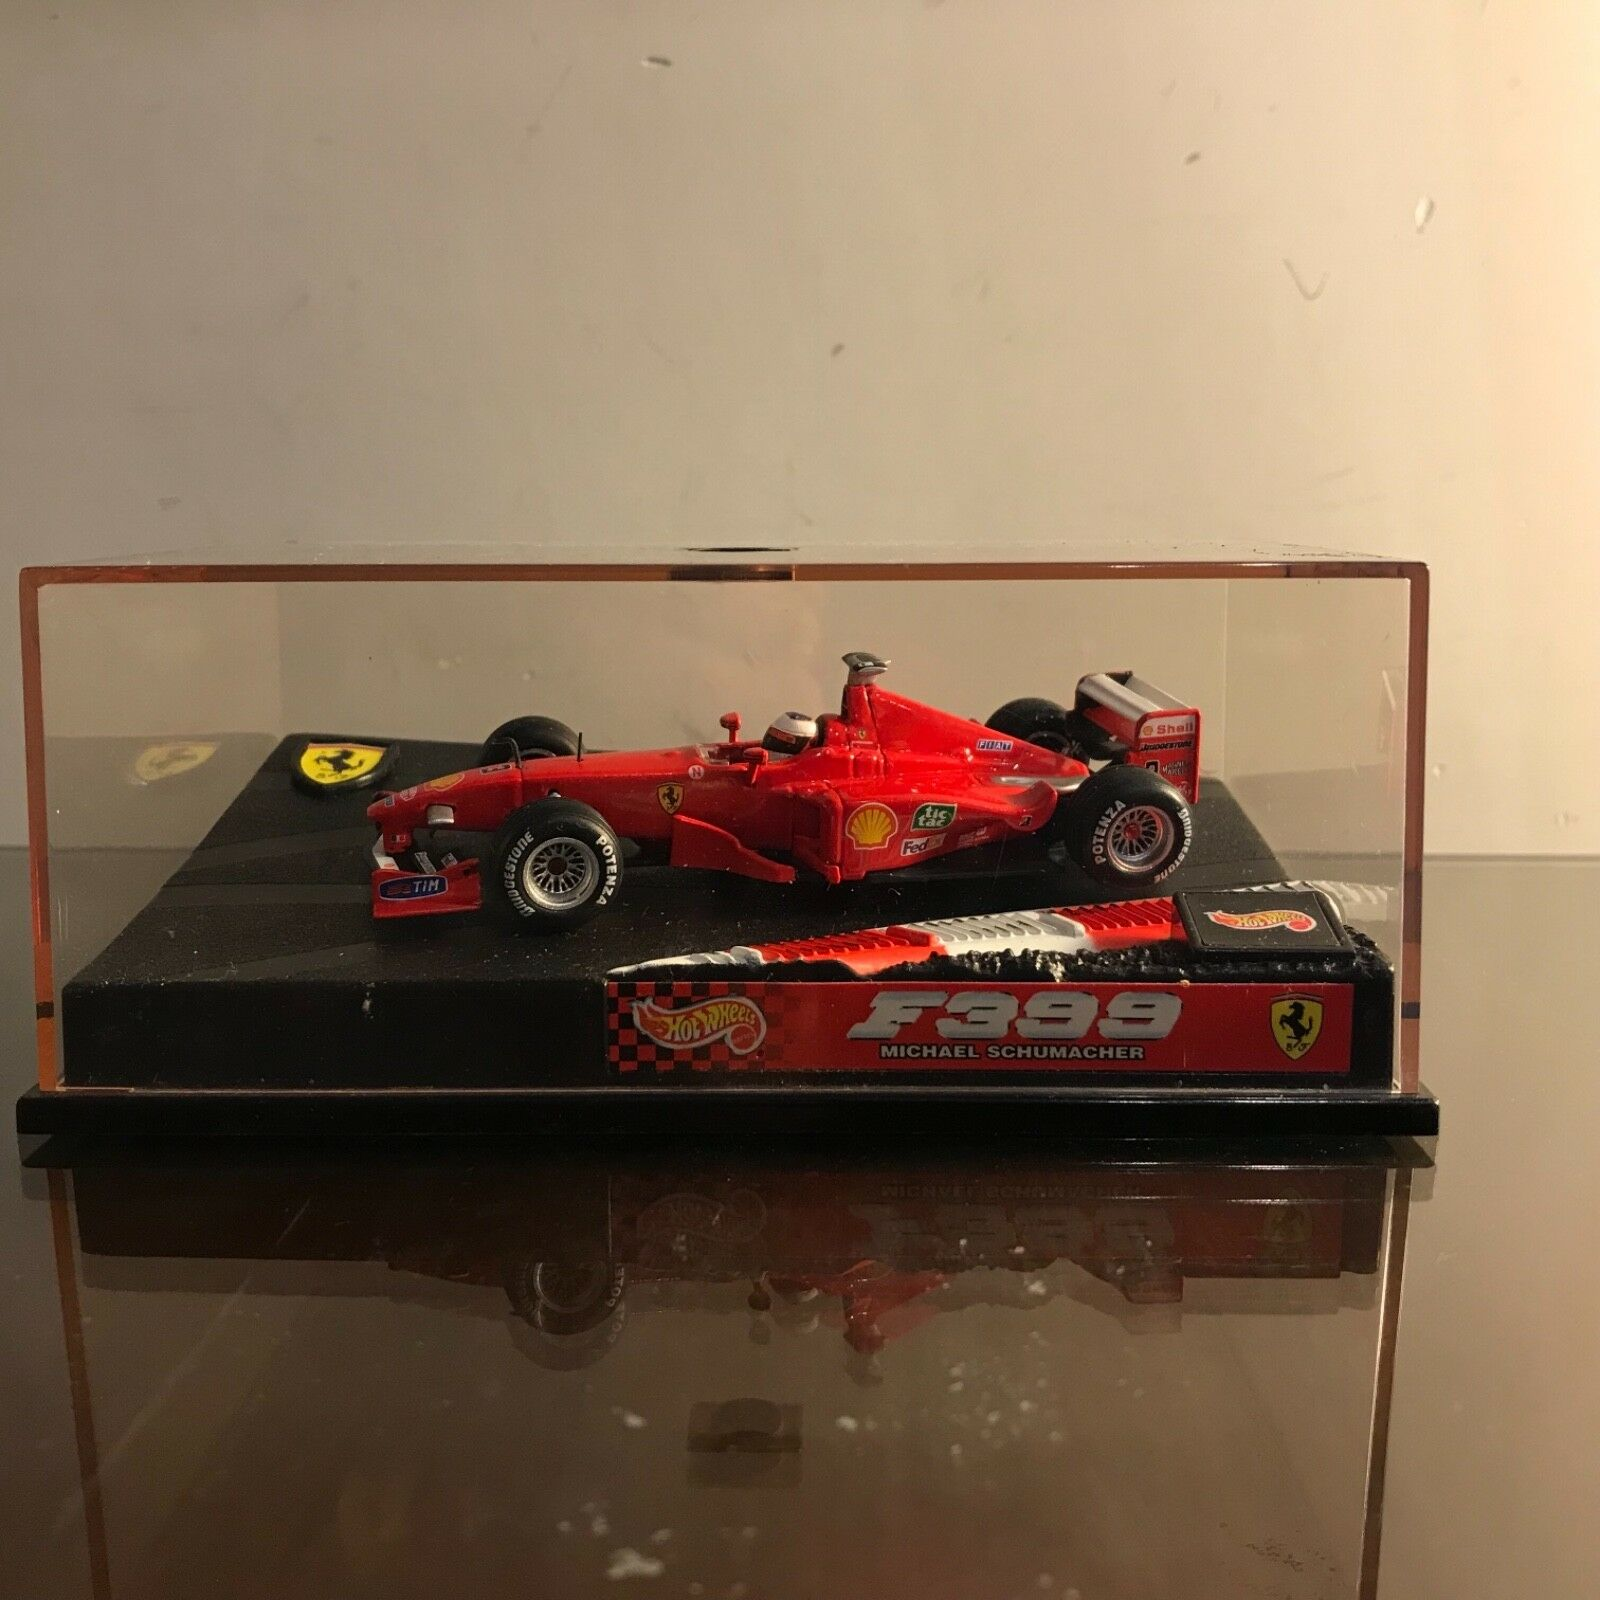 Hot Wheels Scuderia Ferrari 1 43 F399 Micheal Schumacher